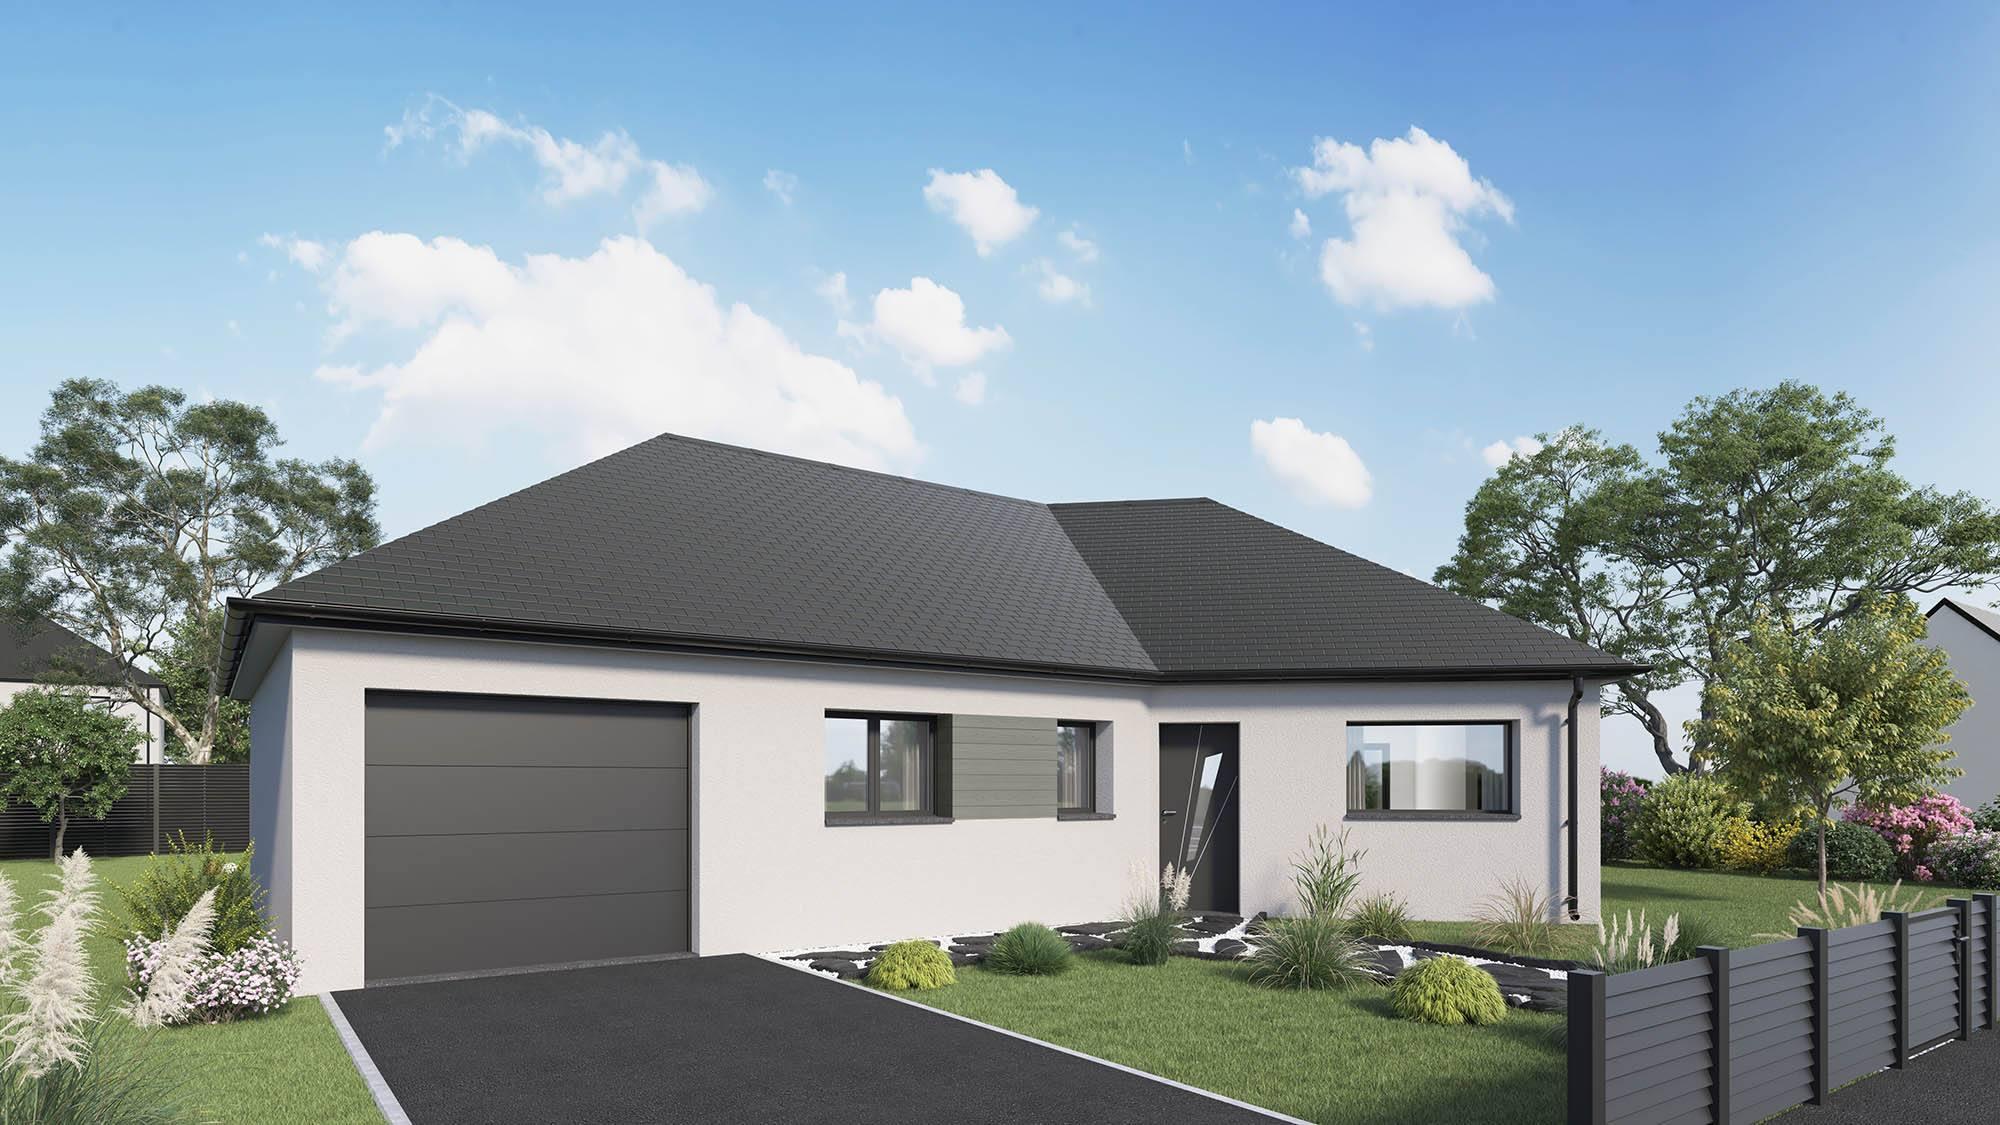 Votre maison + terrain à Yvetot  - 76190